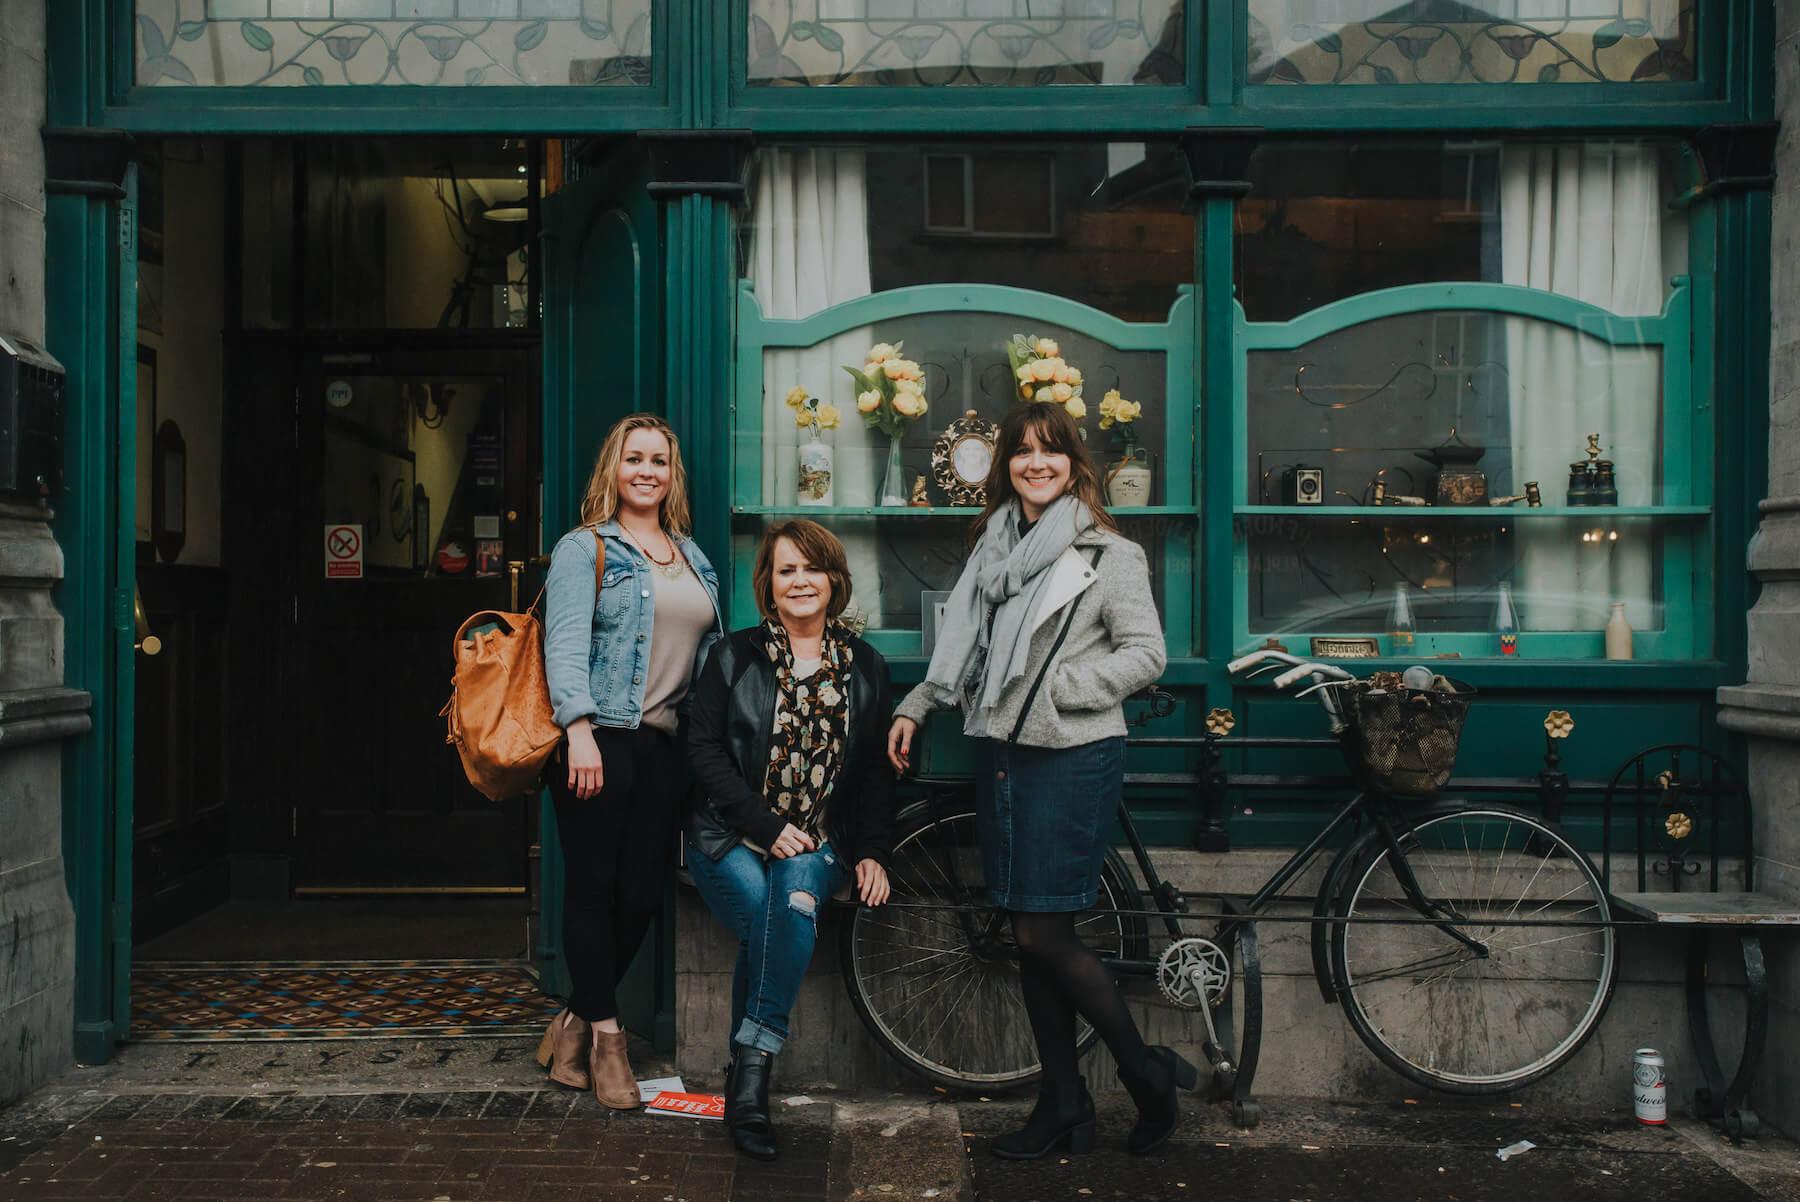 Mother daughters in Dublin, Ireland